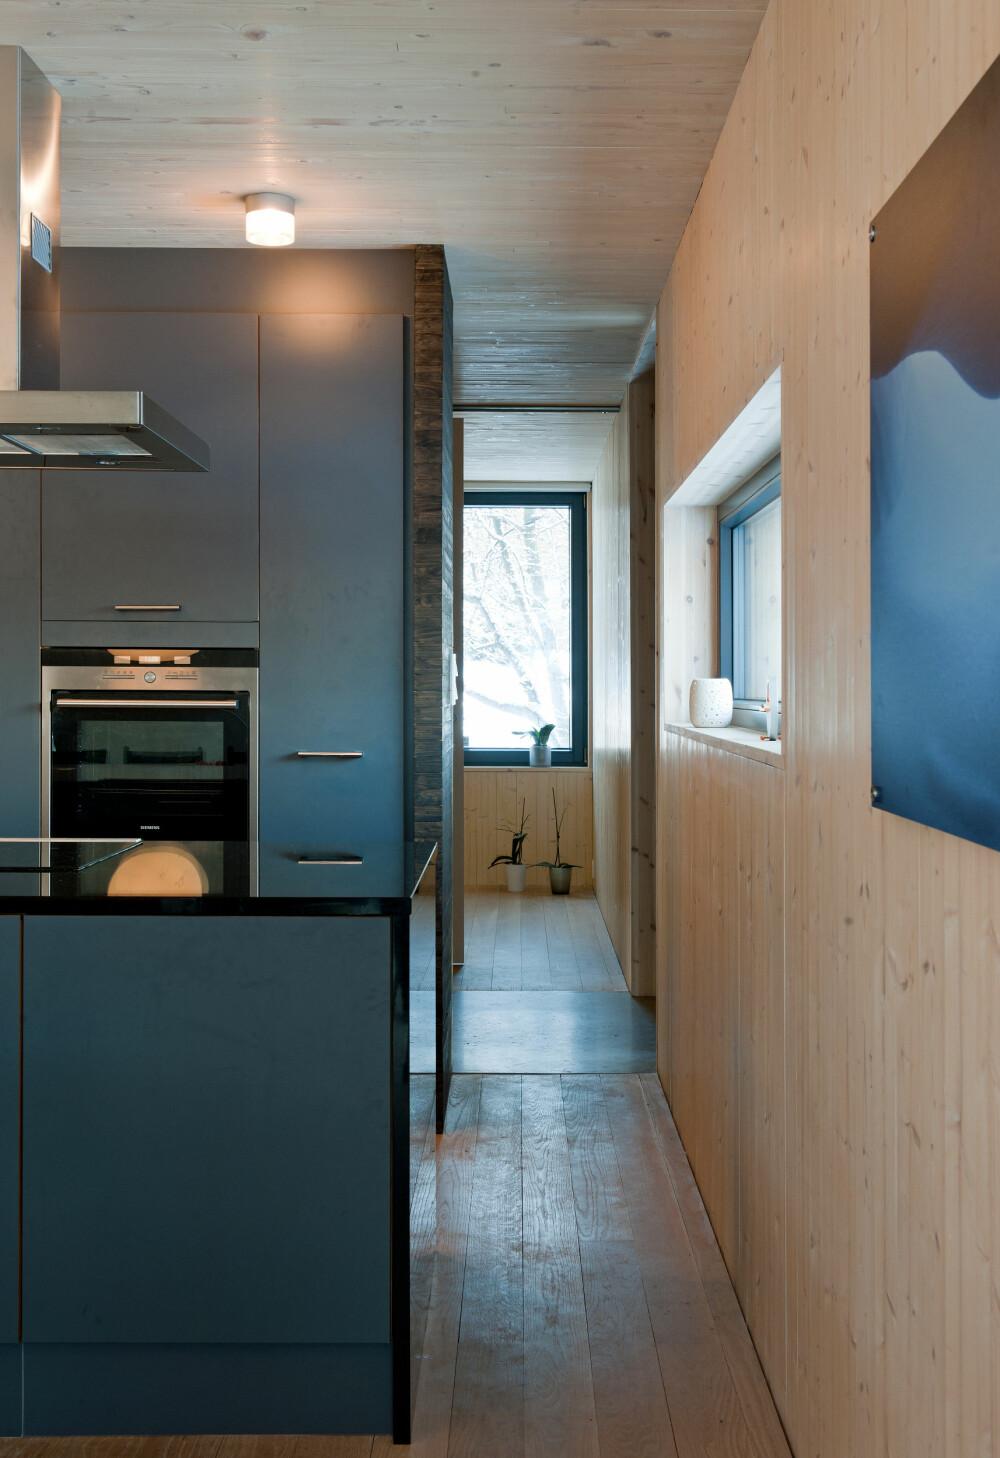 KOMPAKT: Arealeffektivitet har vært viktig i utformingen av boligen. Det kommer blant annet til uttrykk her i passasjen mellom kjøkken og et av soverommene. Man har også brukt skyvedører flere steder i huset.